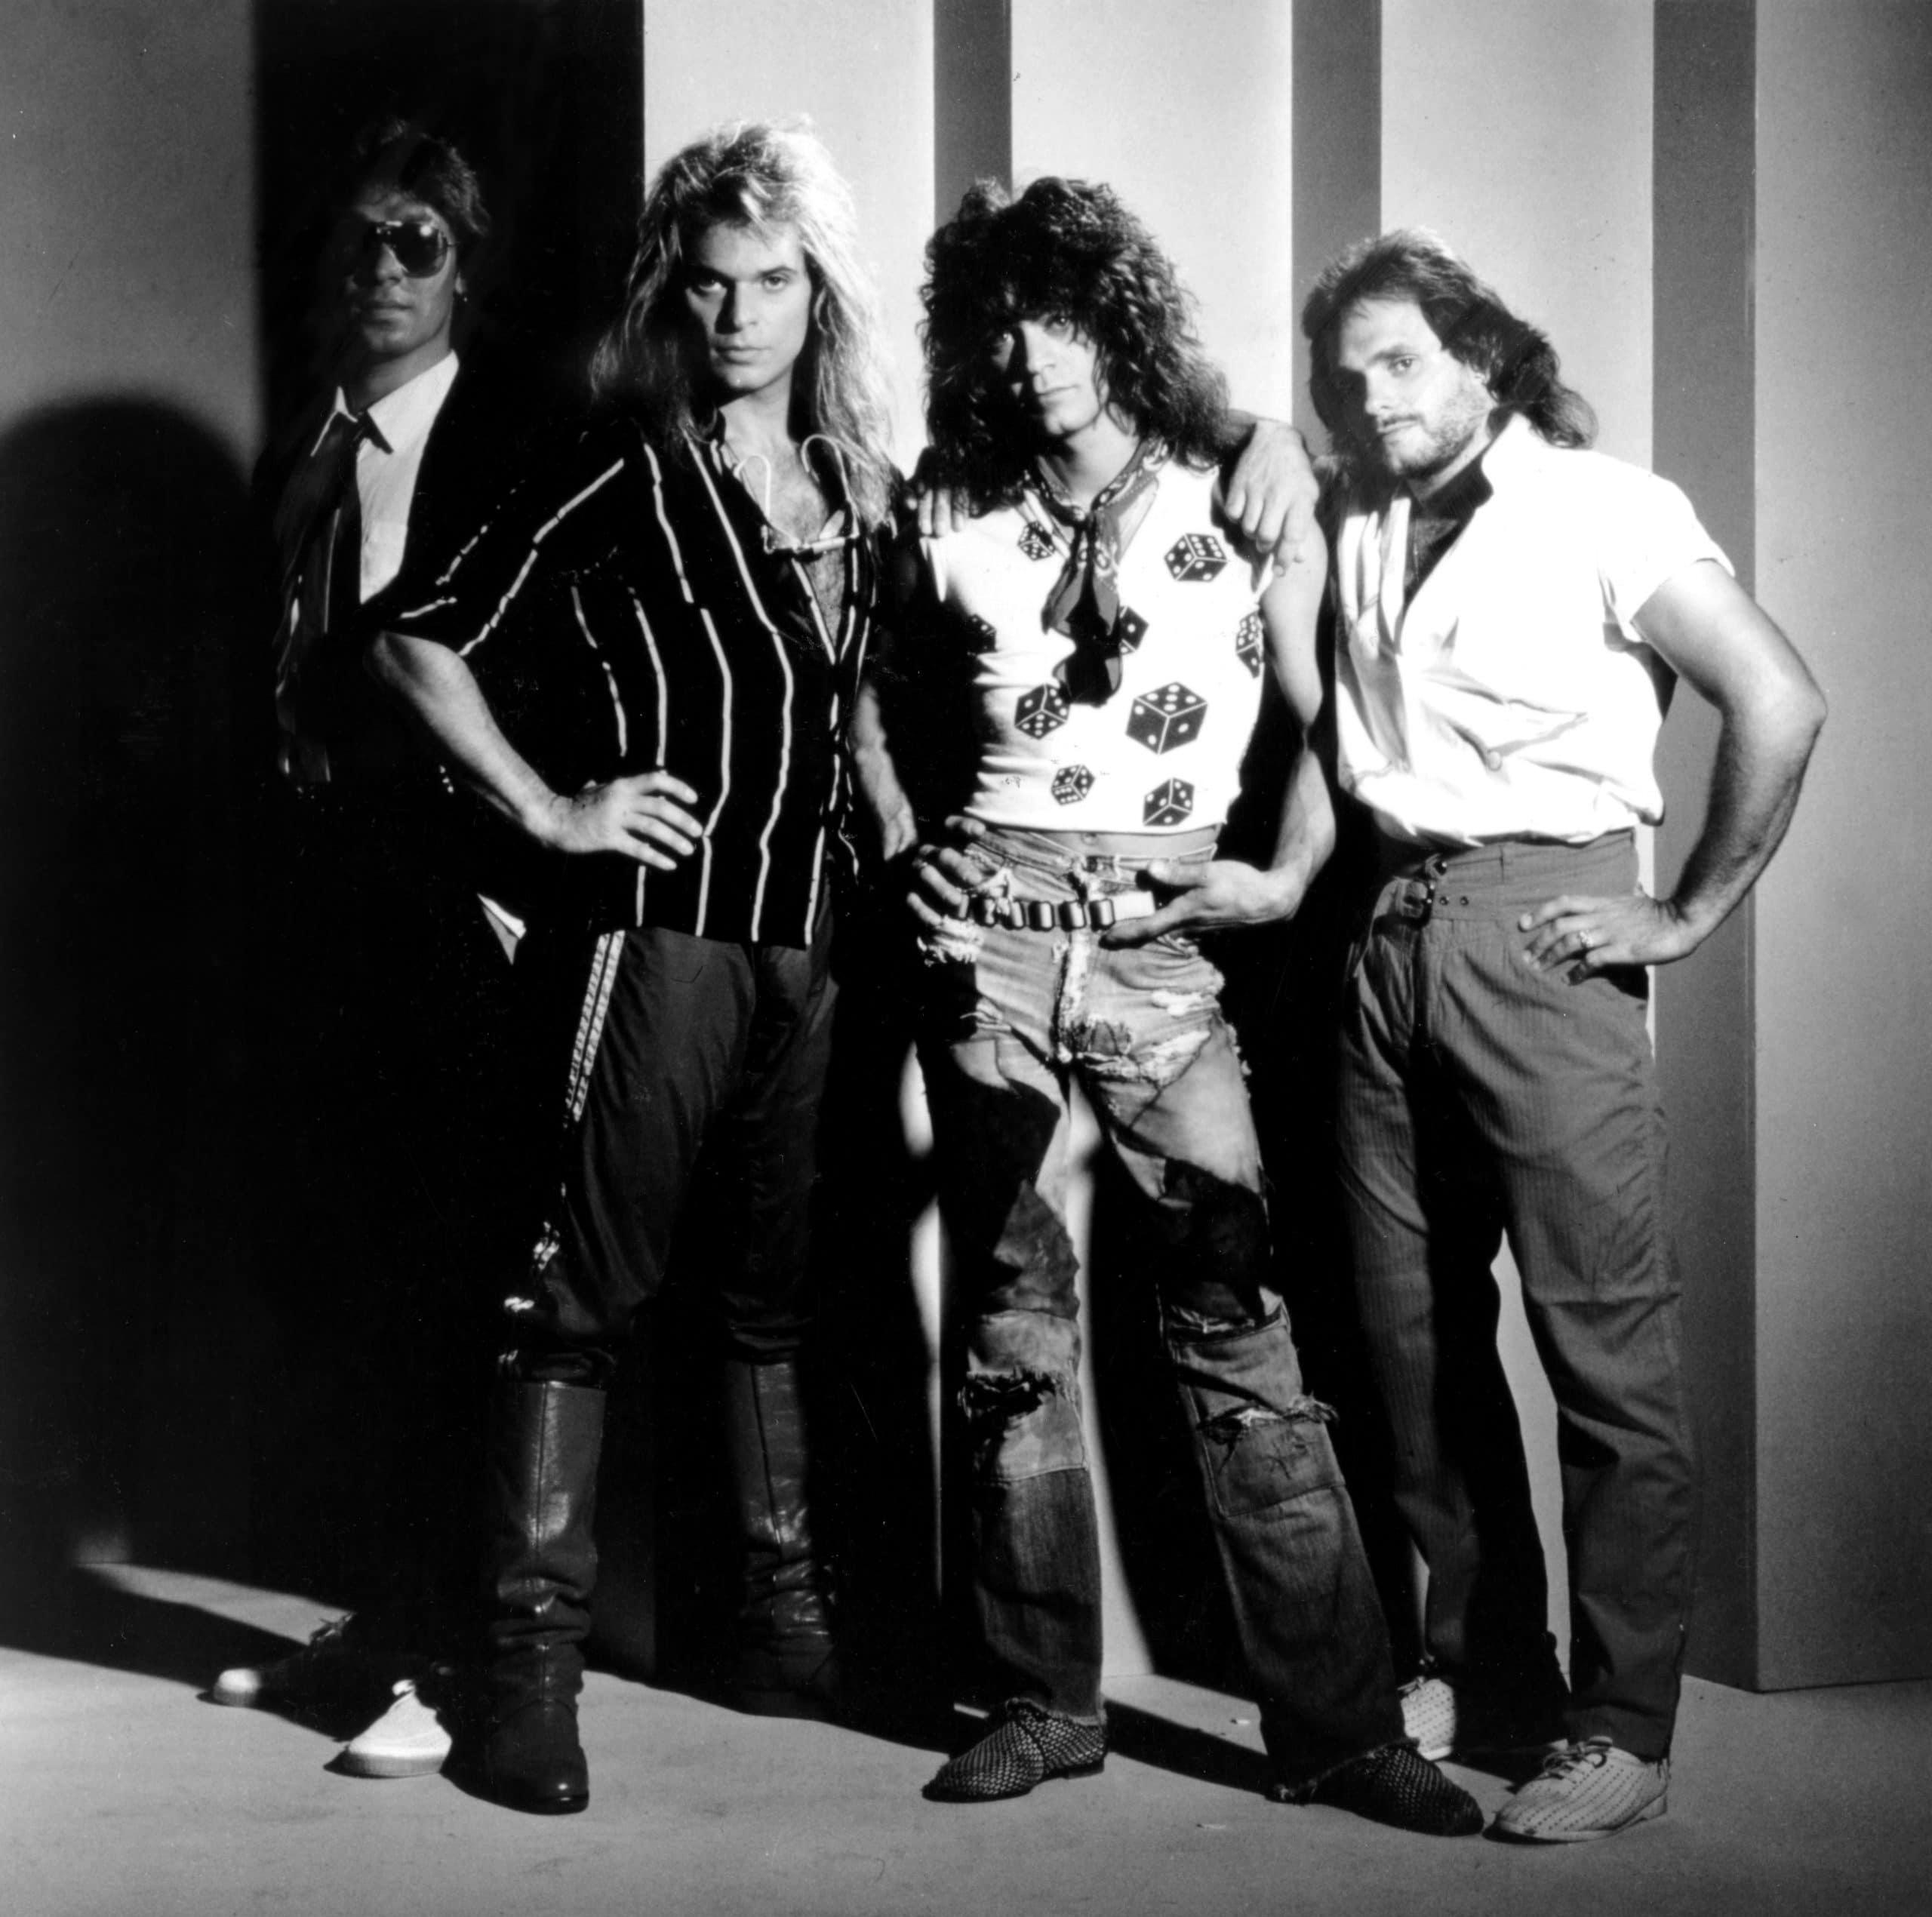 VAN HALEN, Alex van Halen, David Lee Roth, Eddie Van Halen, Michael Anthony